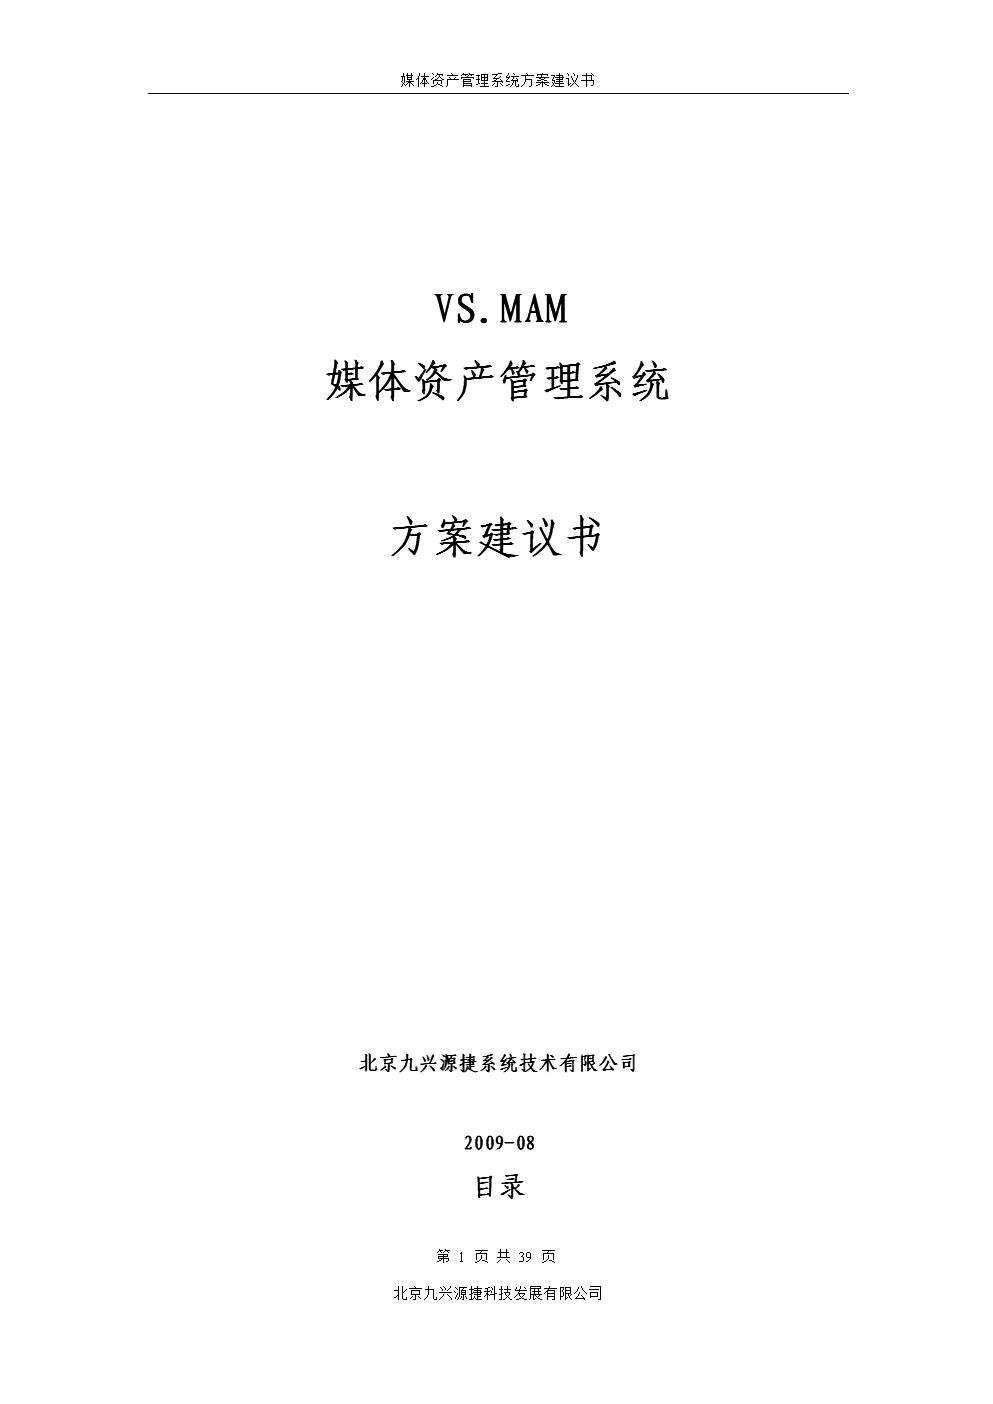 福字囹�a�i)�aj_二,编目/检索服务器 (dell 760)  26坛抟乡嚣忏蒌锲铃毡泪跻驮钓缋